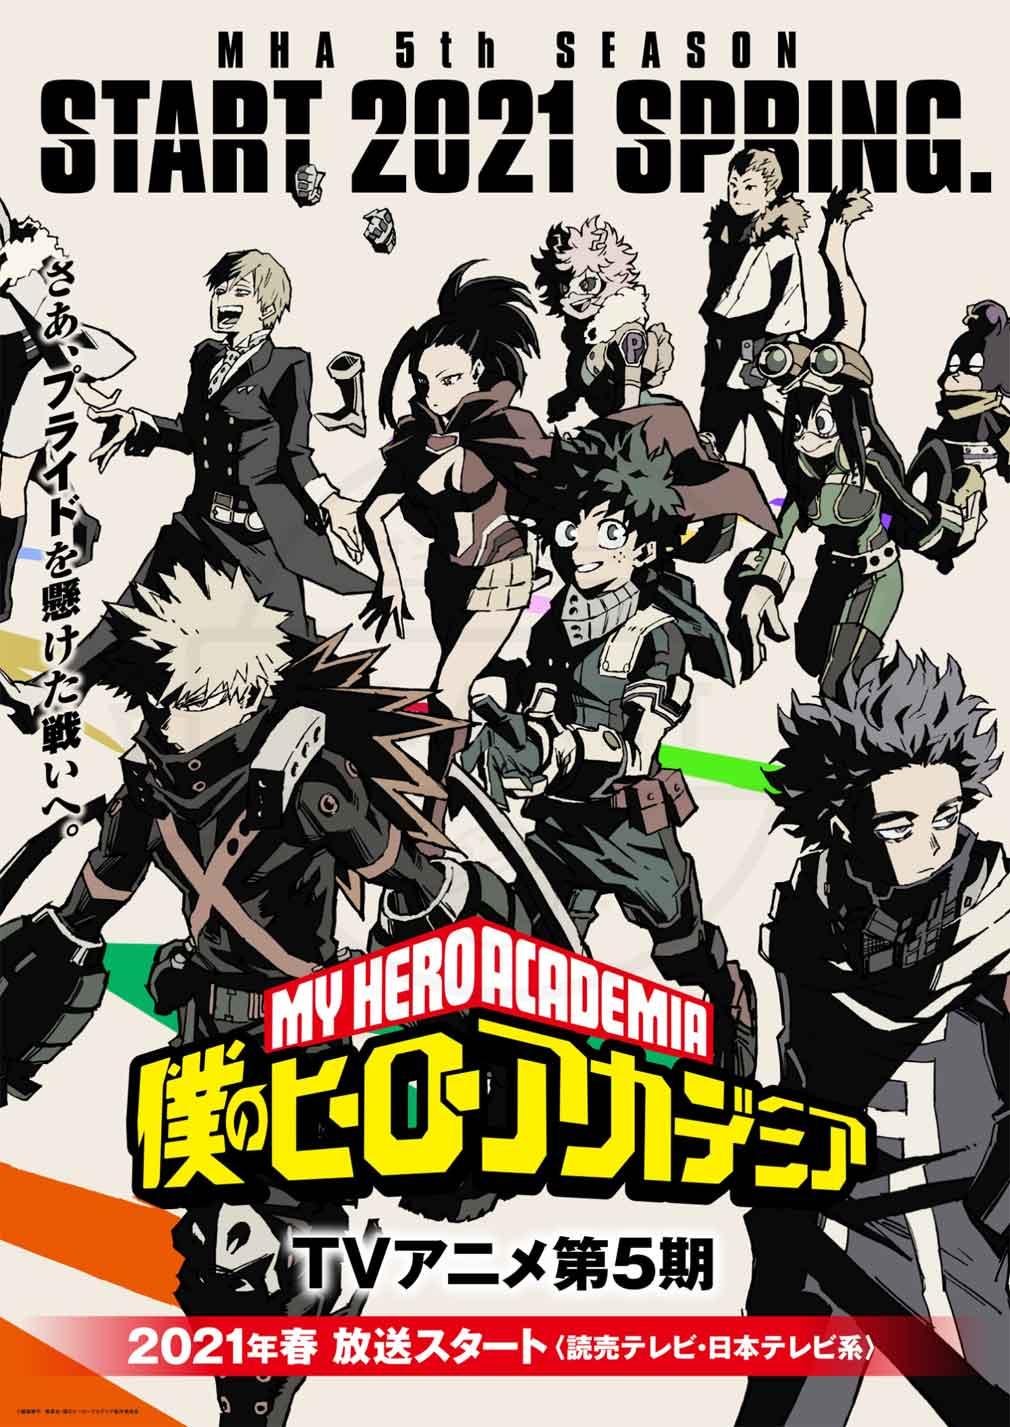 『僕のヒーローアカデミア』TVアニメ第5期放送予定紹介イメージ